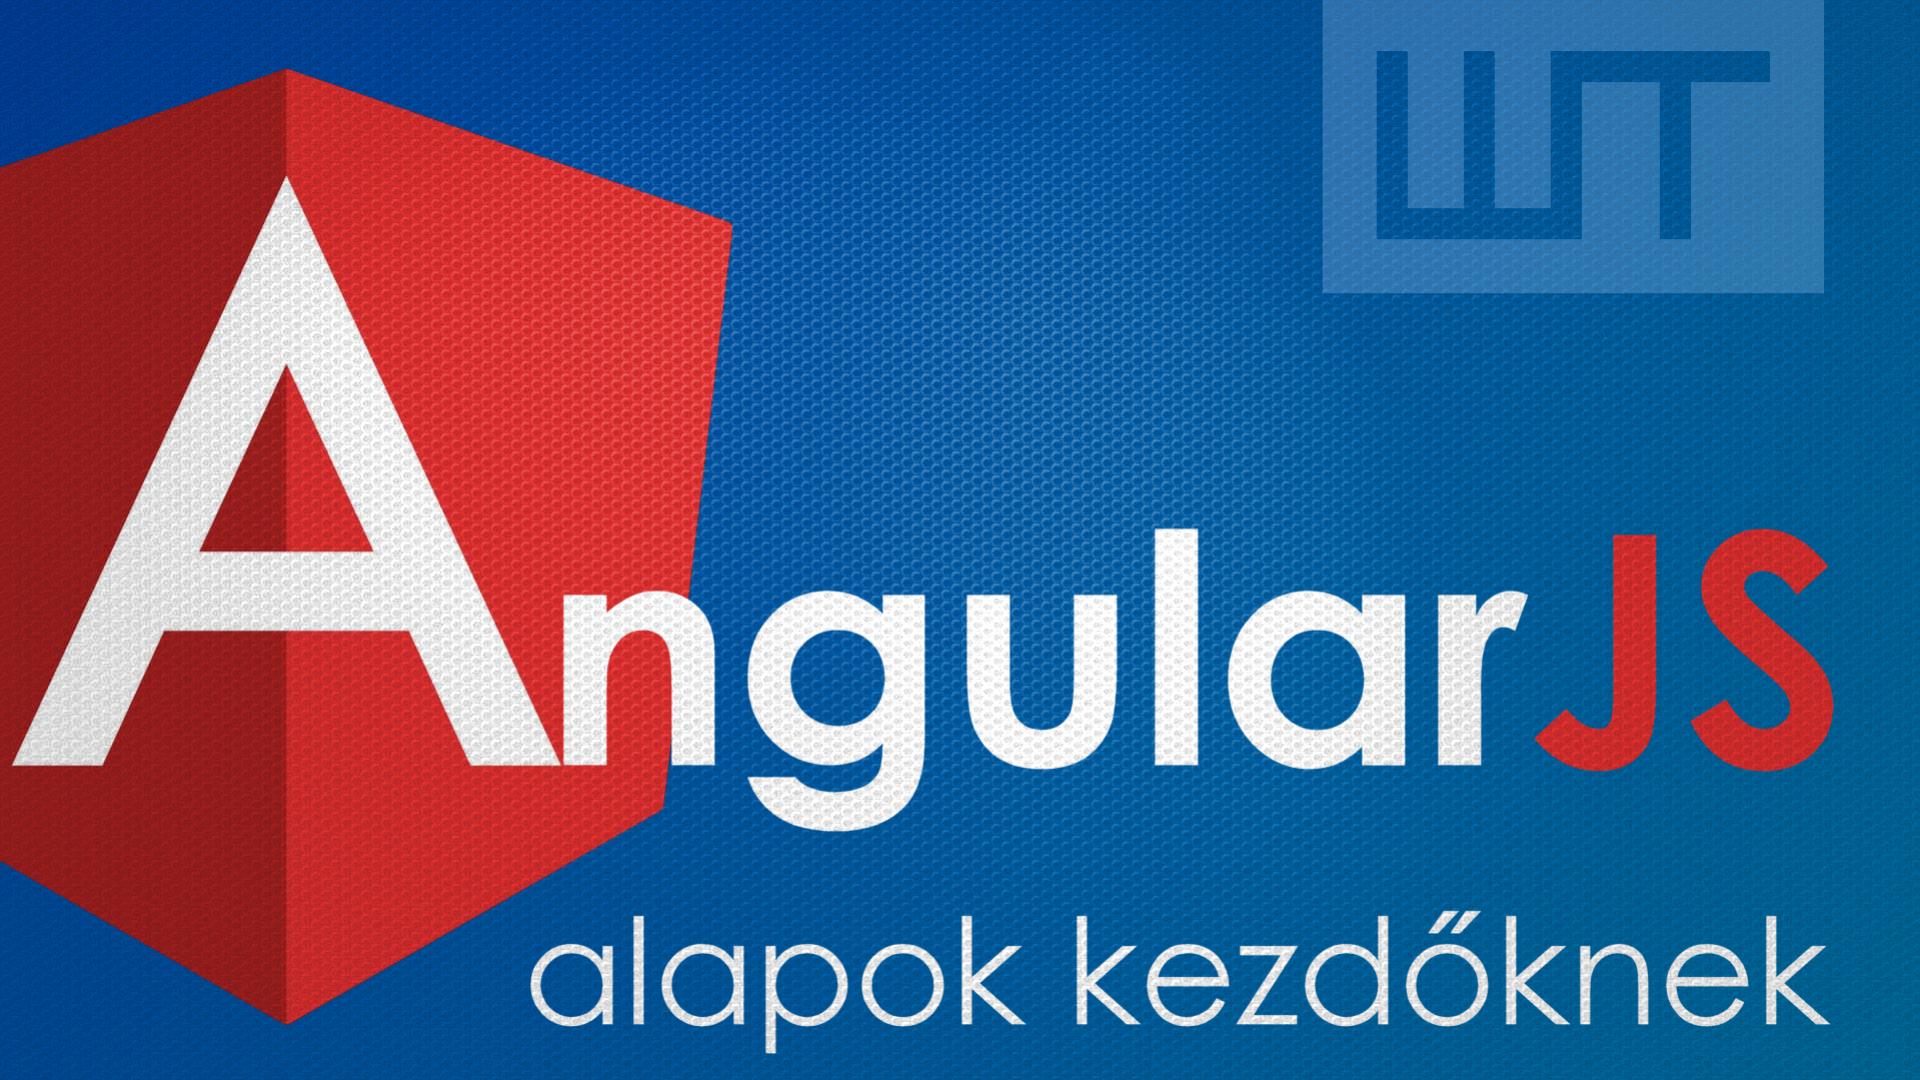 AngularJS alapok kezdőknek